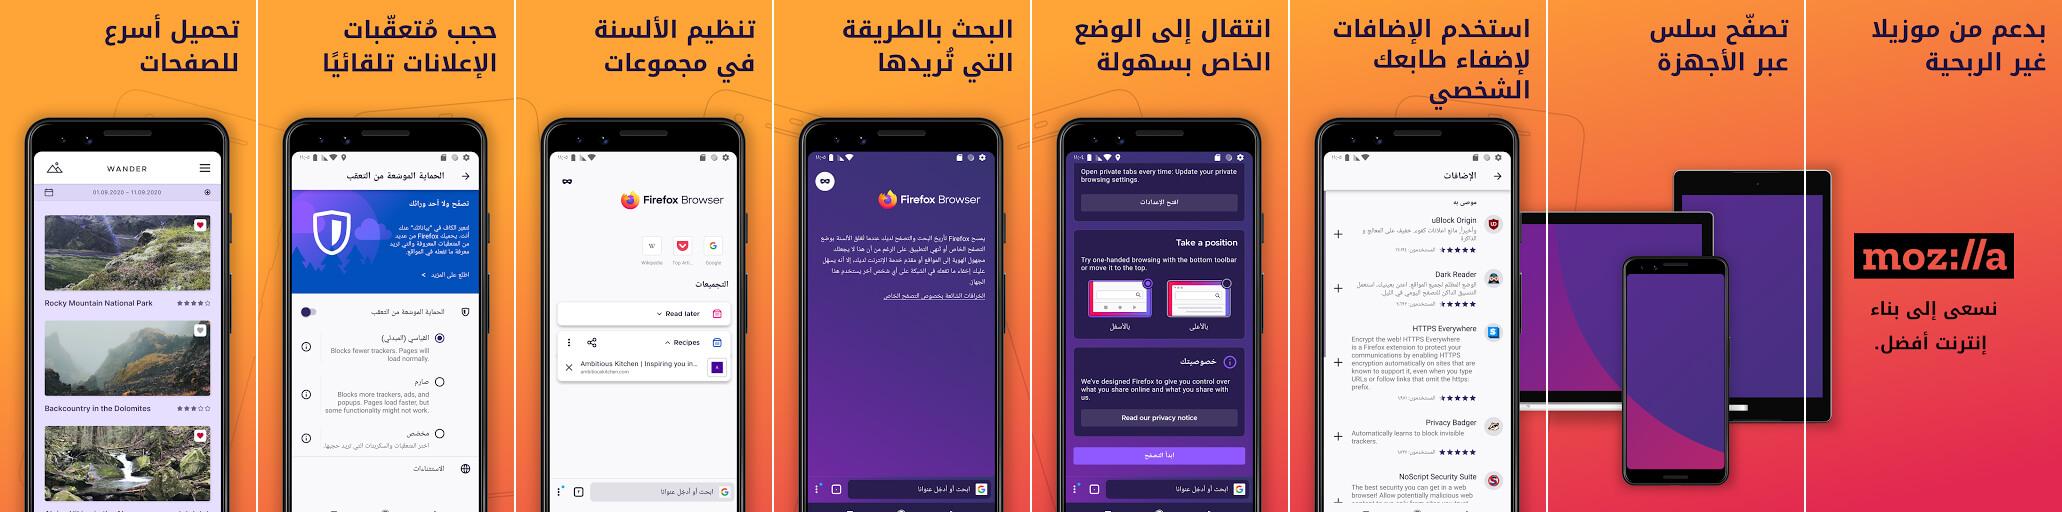 لقطات شاشة لتطبيق فايرفوكس Mozilla Firefox